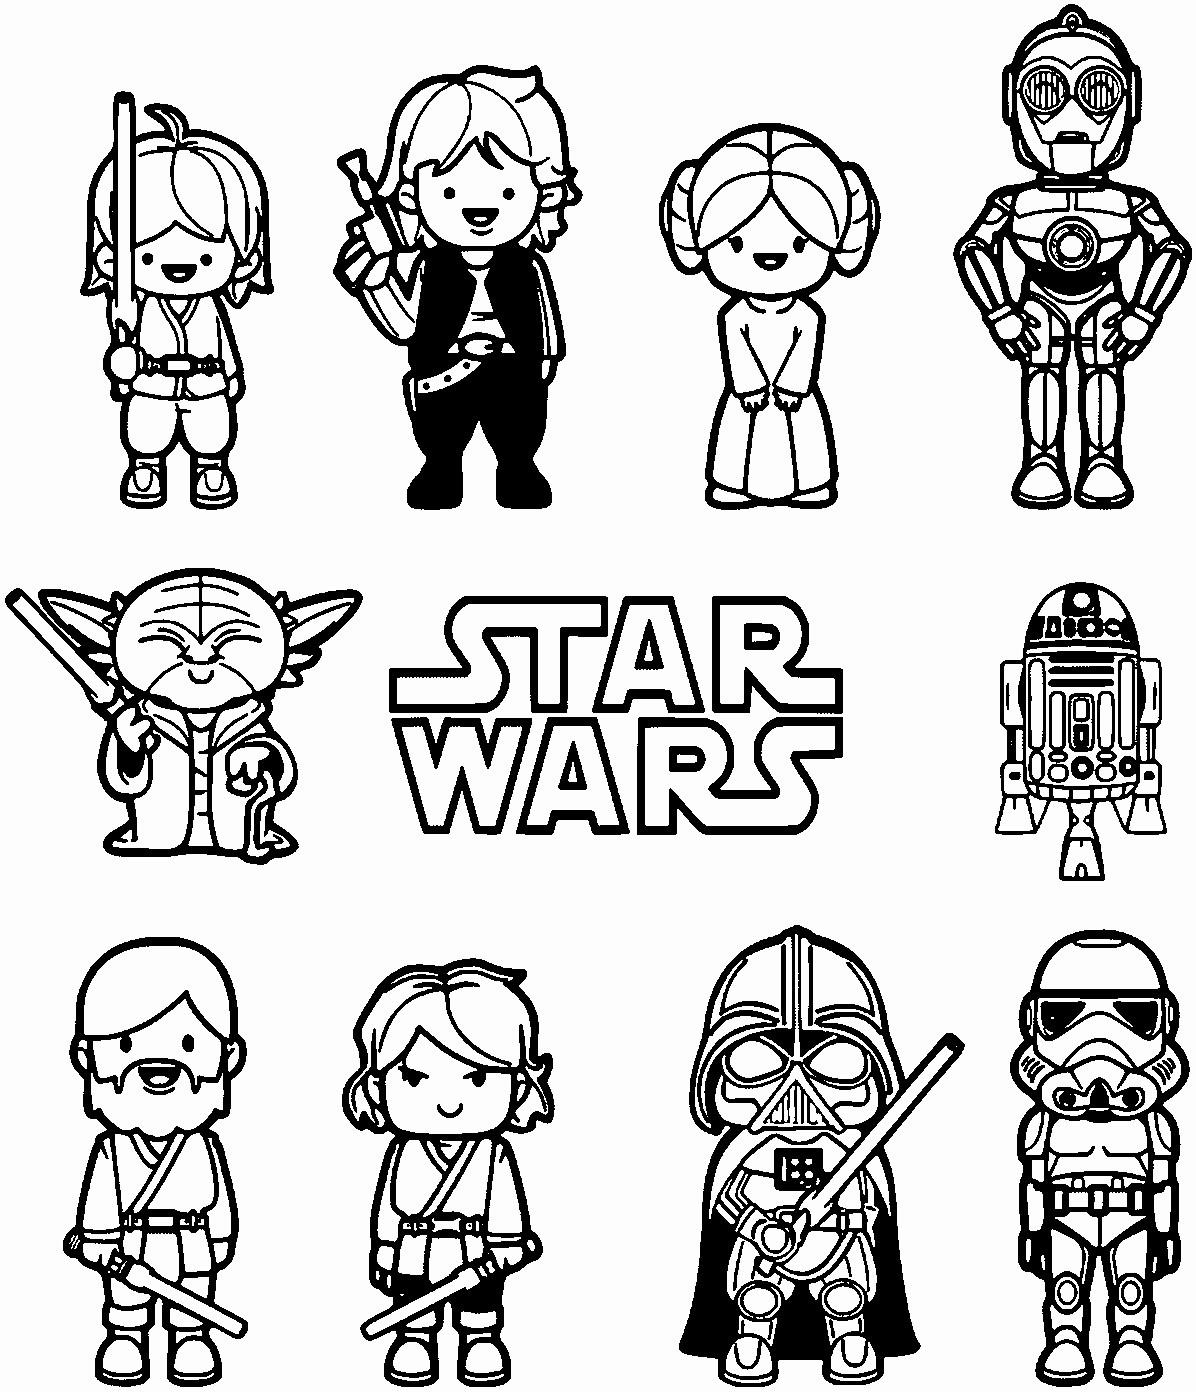 Lego Star Wars Ausmalbild Einzigartig 52 Malvorlagen Star Wars Lego Bild